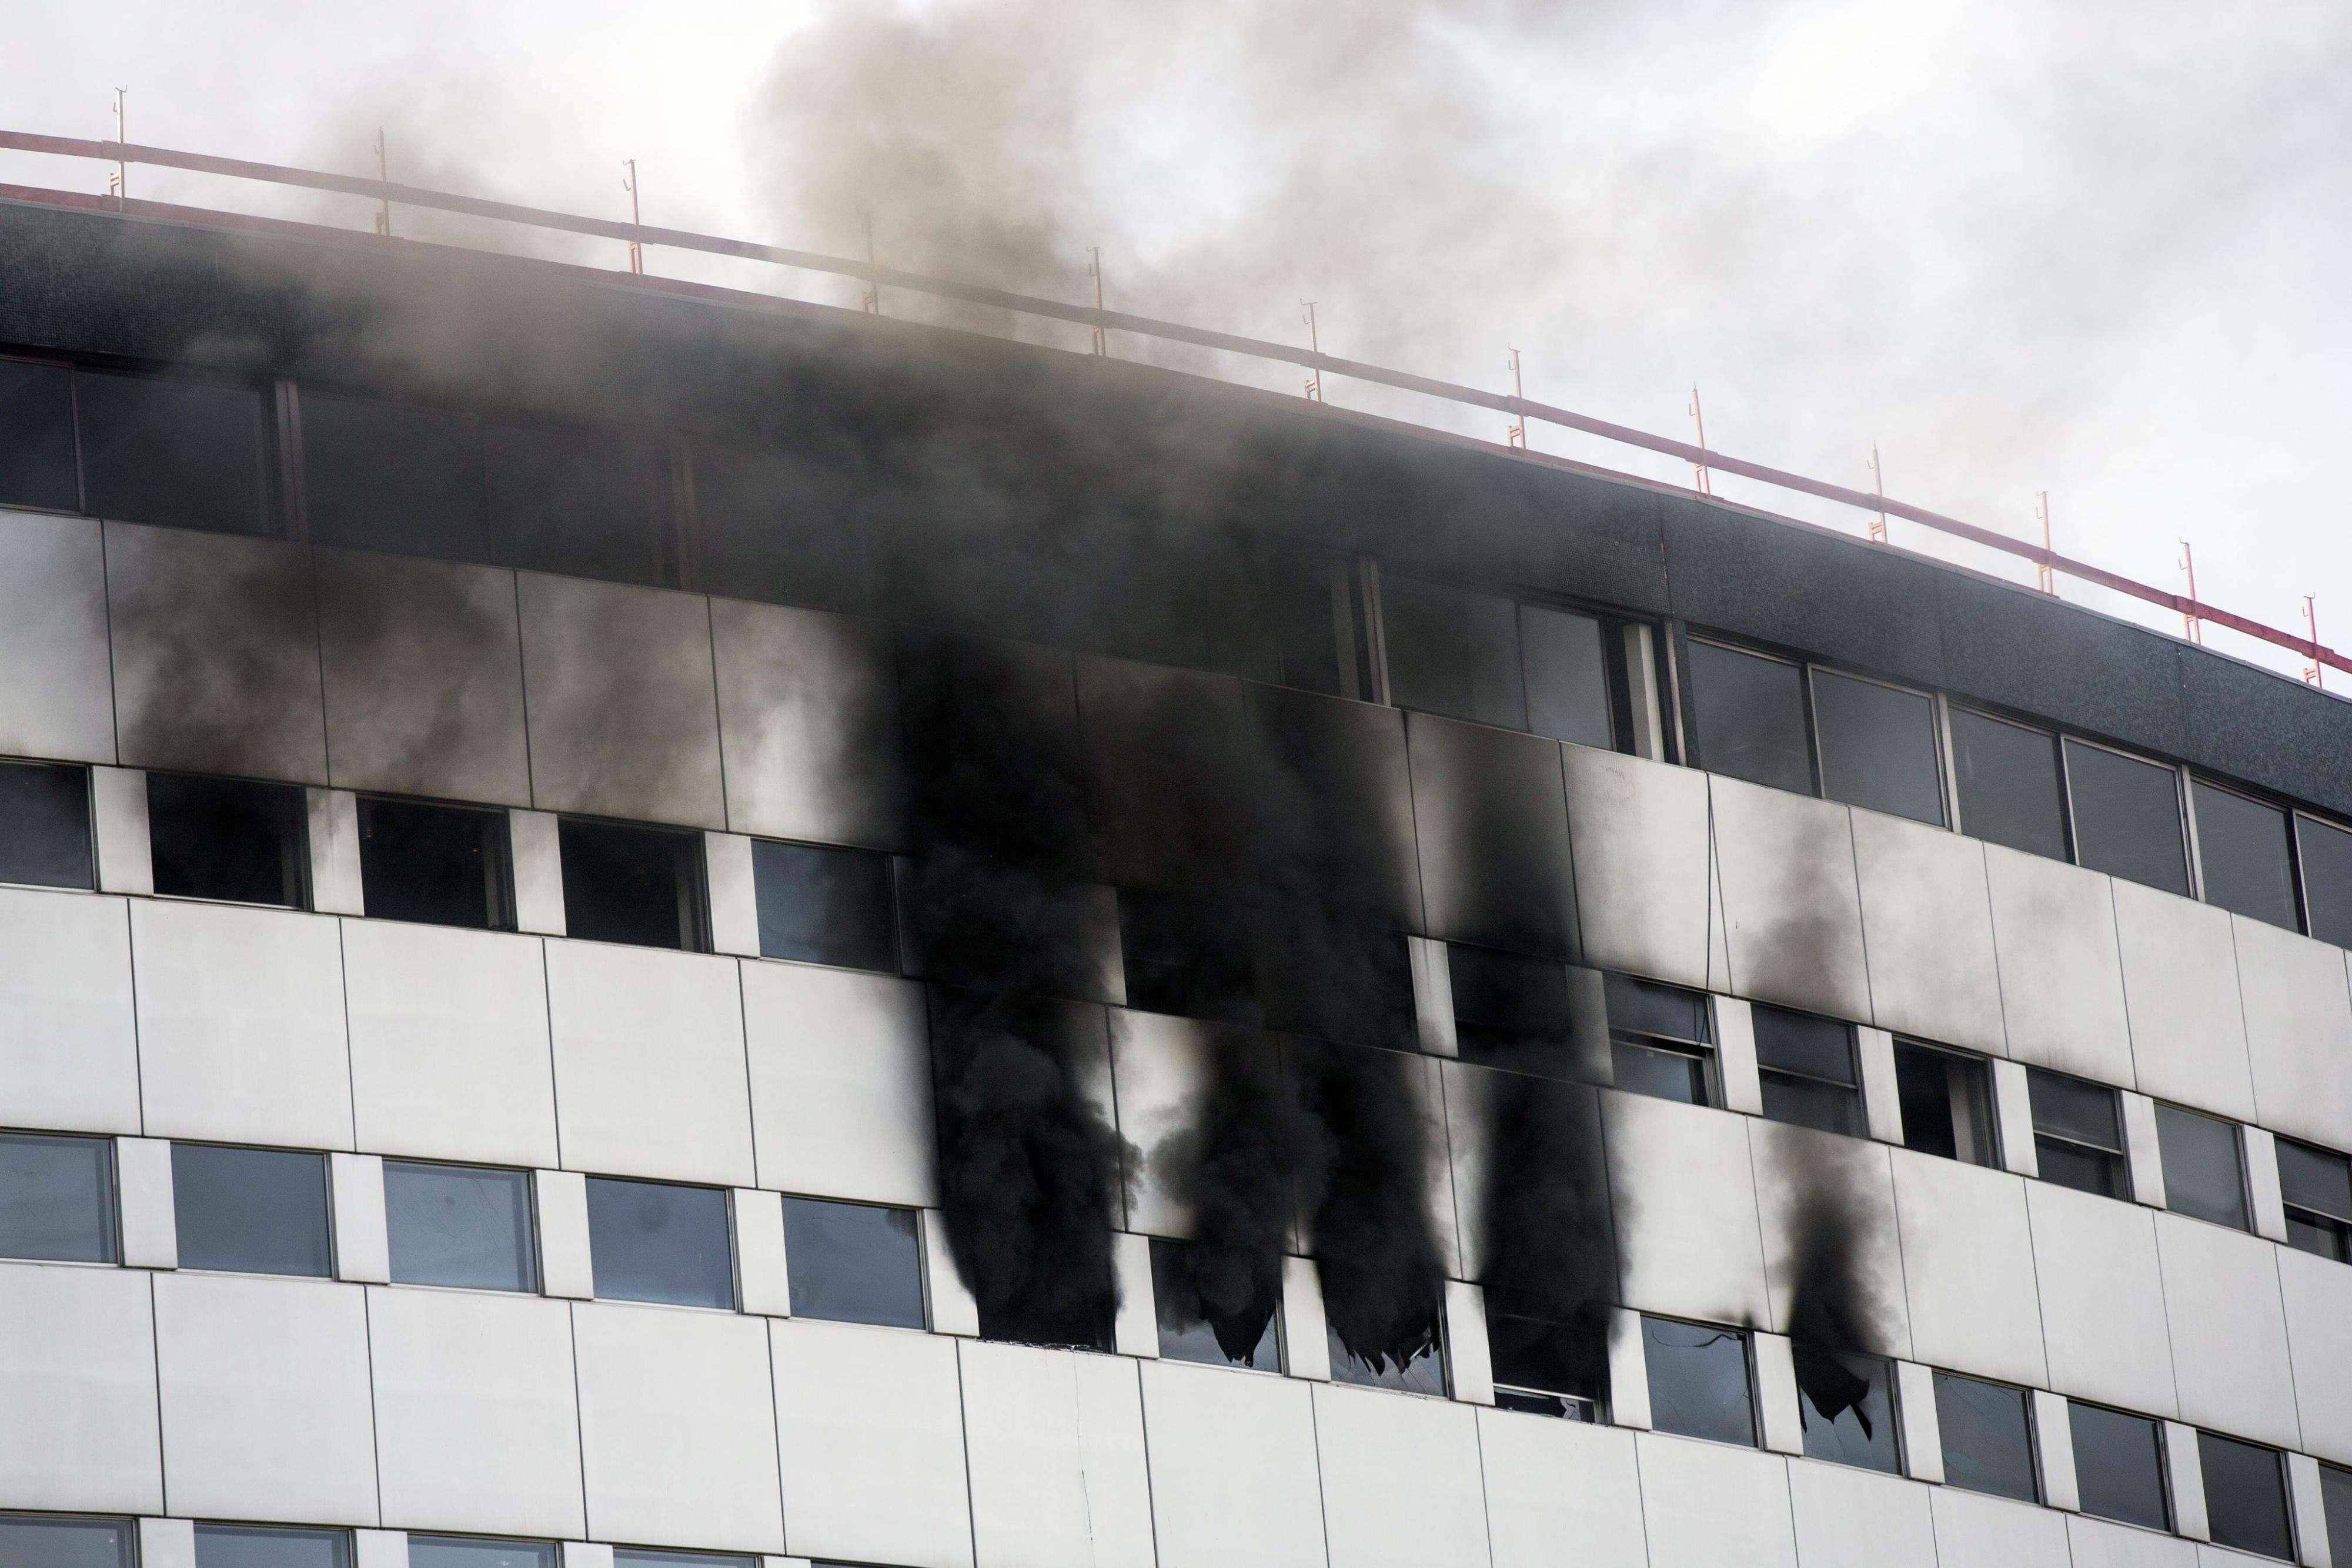 Una columna de humo se eleva en el aire desde uno de los últimos pisos del edificio de la radio pública francesa en París, Francia. Foto: Etienne Laurent/EFE en español